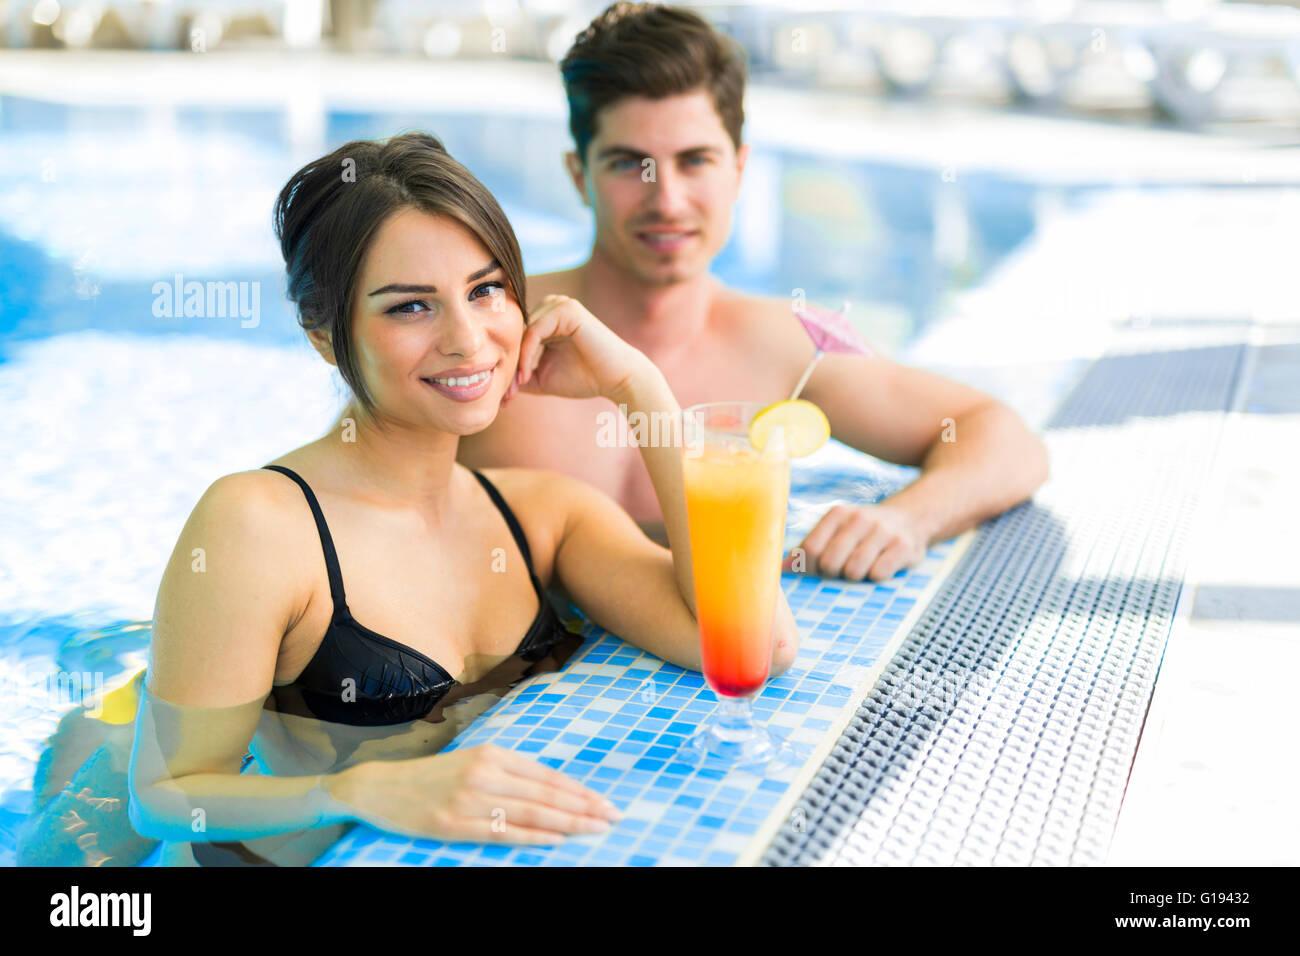 Paar, trinken einen Cocktail am Pool und entspannen Stockbild